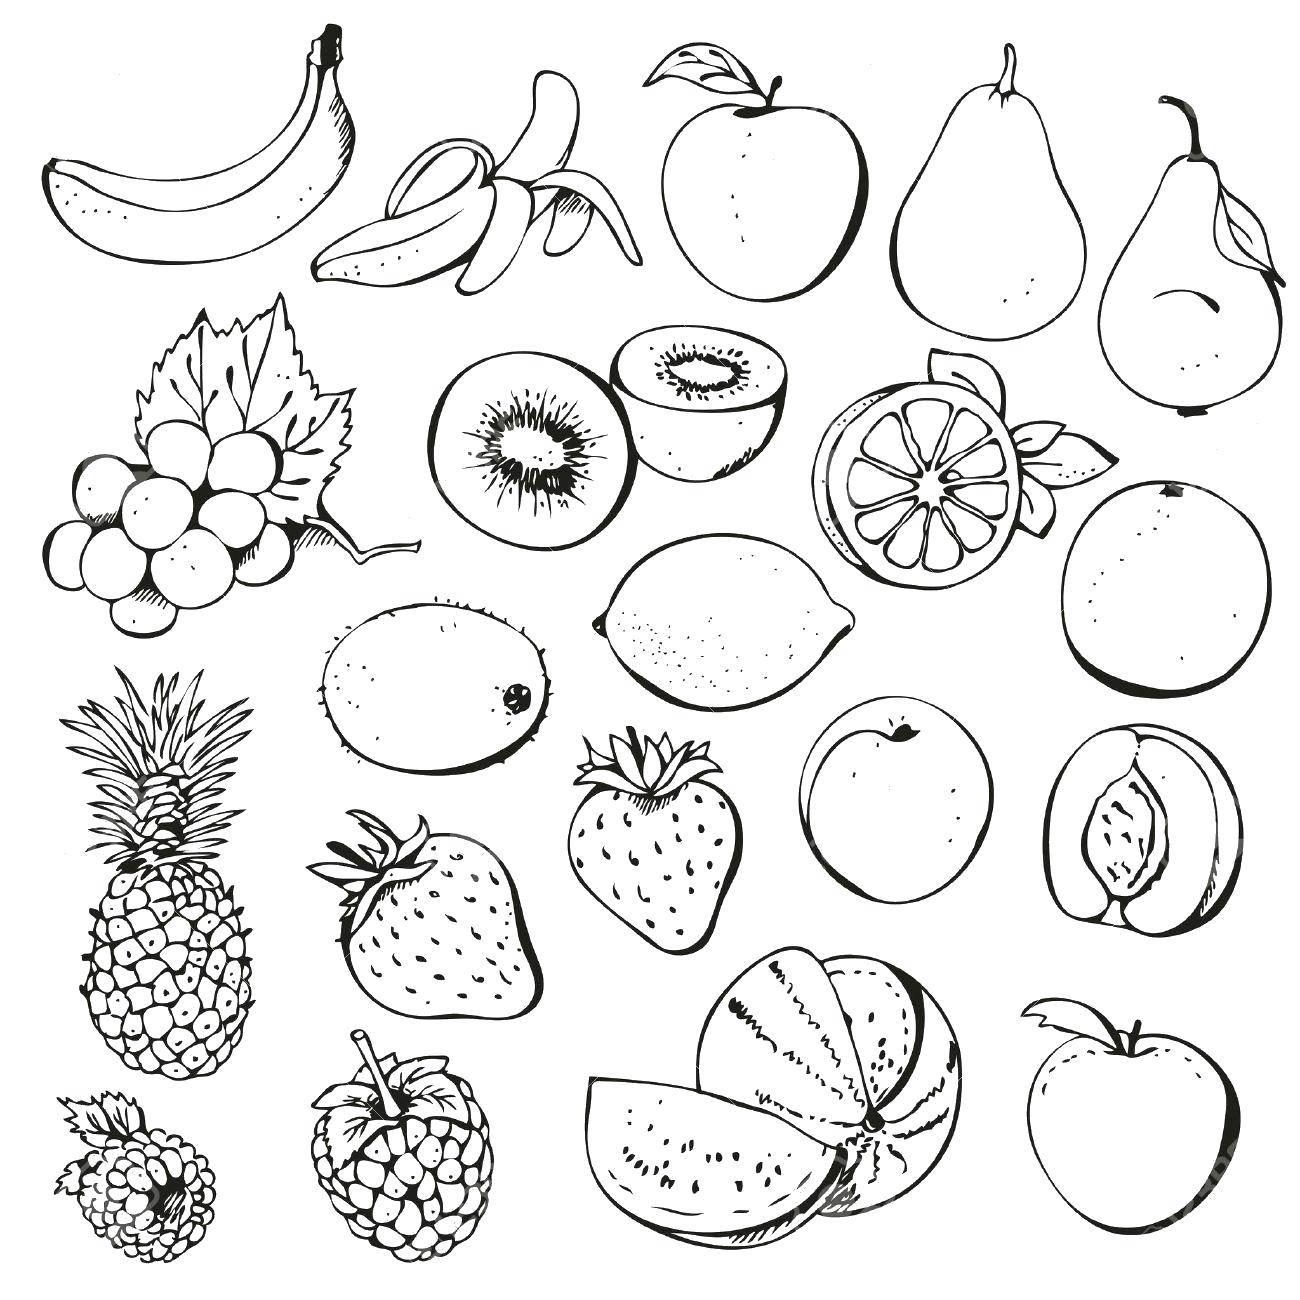 Раскраска Фрукты и ягодки Скачать фрукты, ягоды.  Распечатать ,Еда,